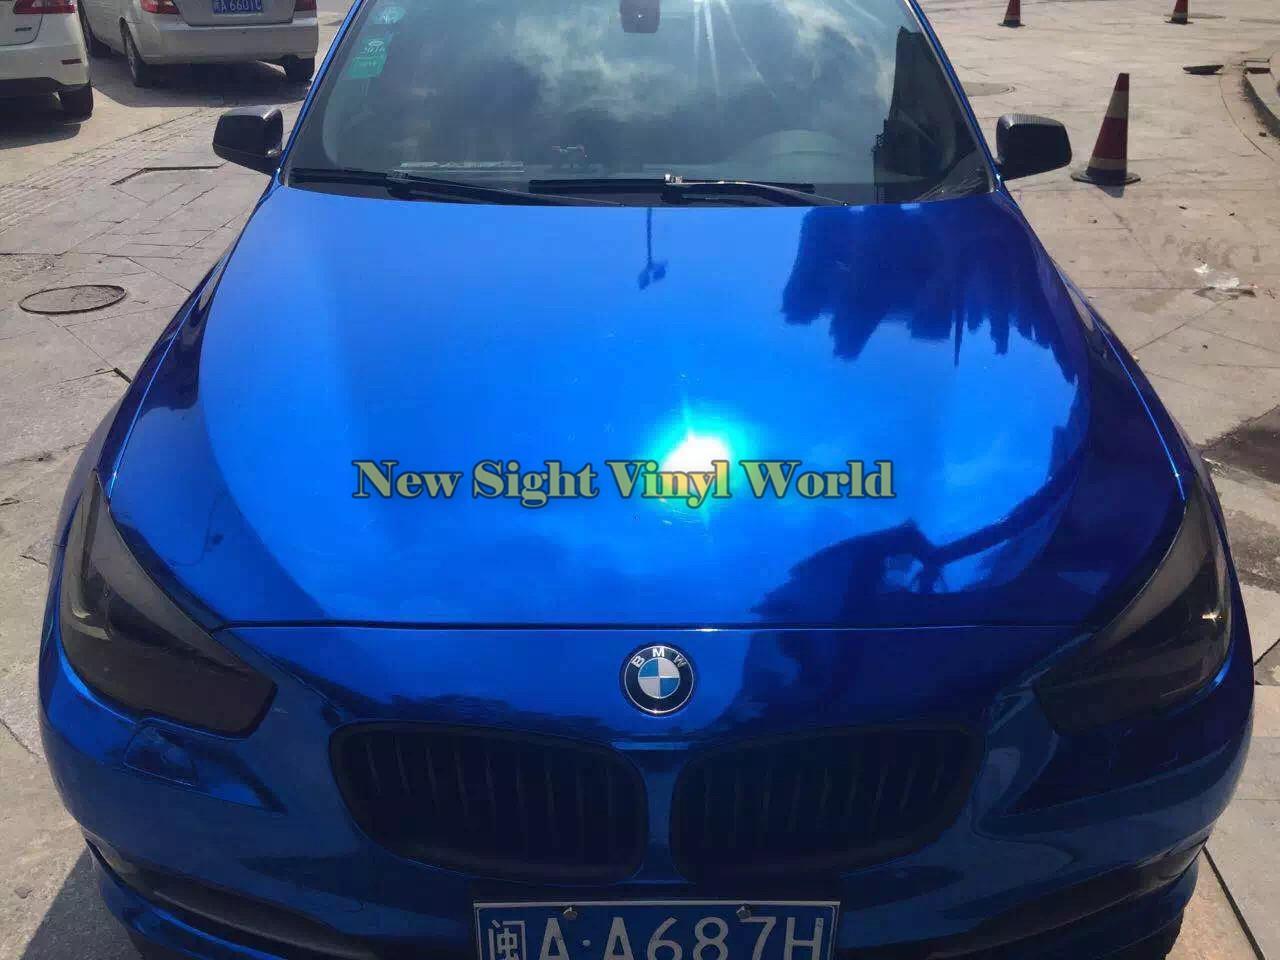 La mejor calidad Envoltura de vinilo azul del alto brillo cromado brillante para envoltura de automóviles con burbuja libre de burbujas